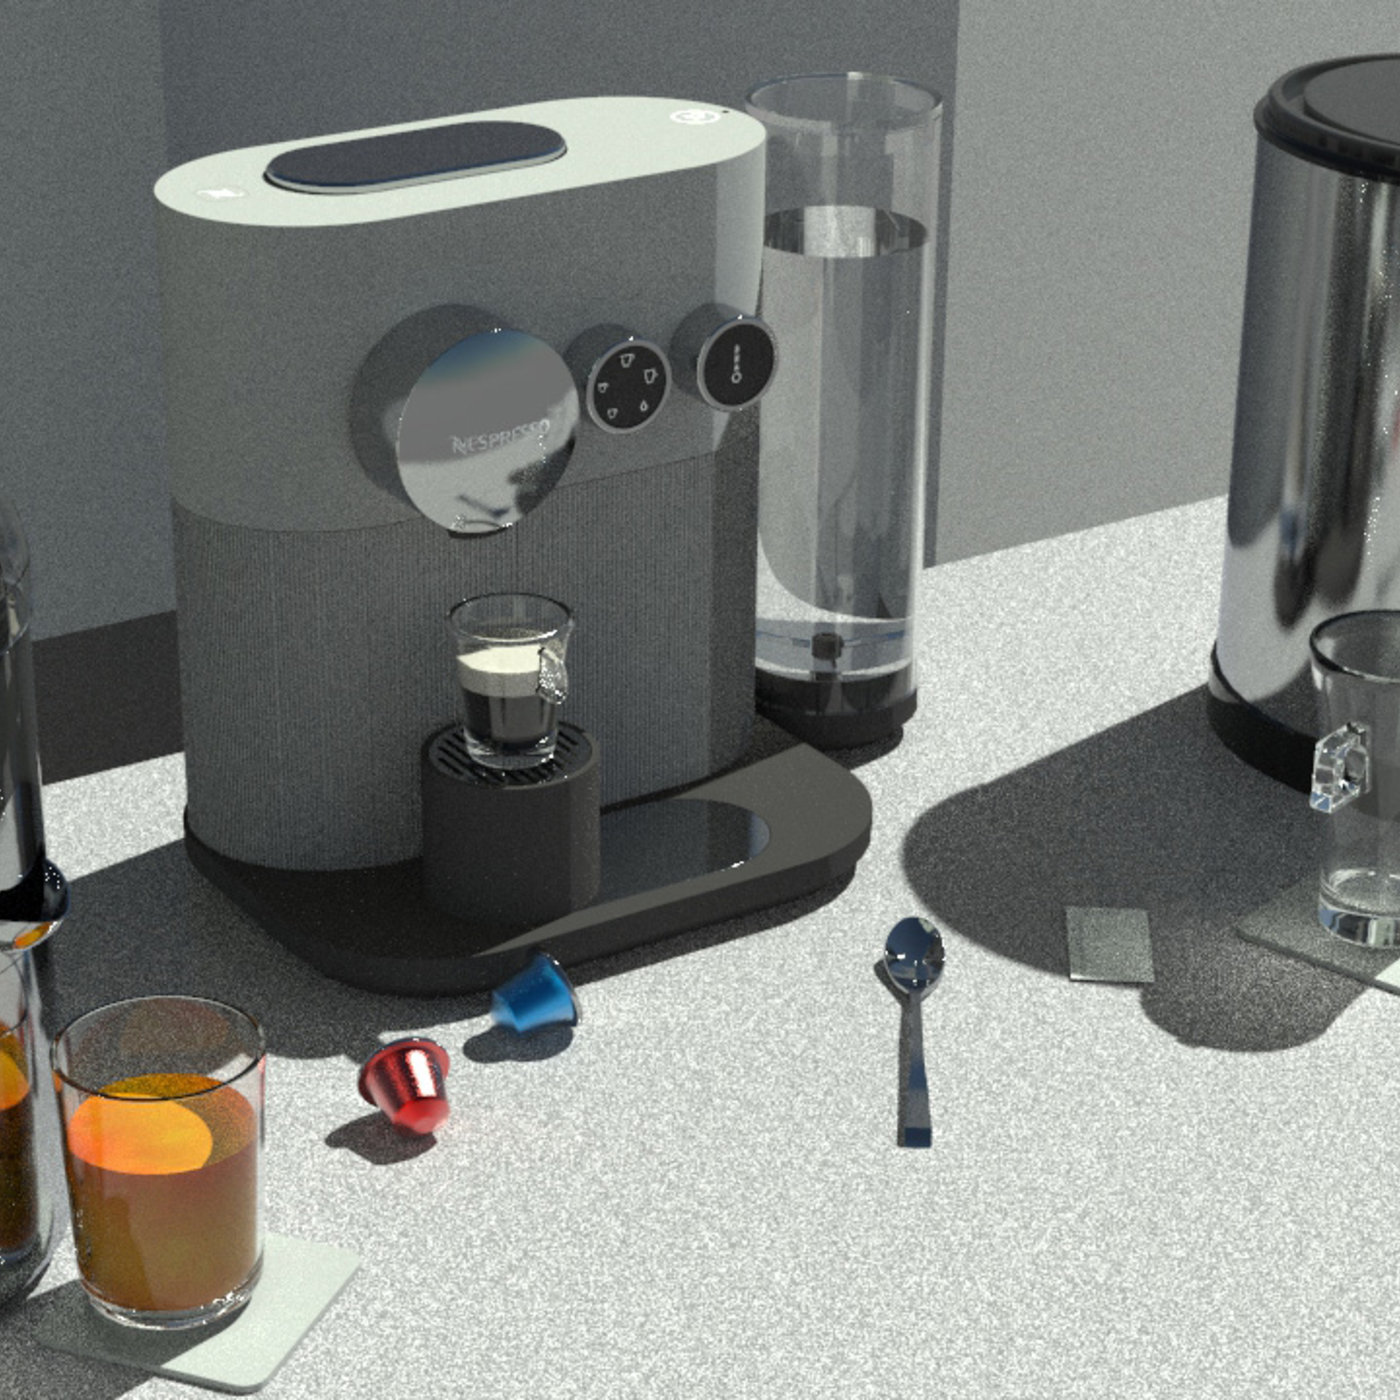 Breakfast. Coffee & Juice